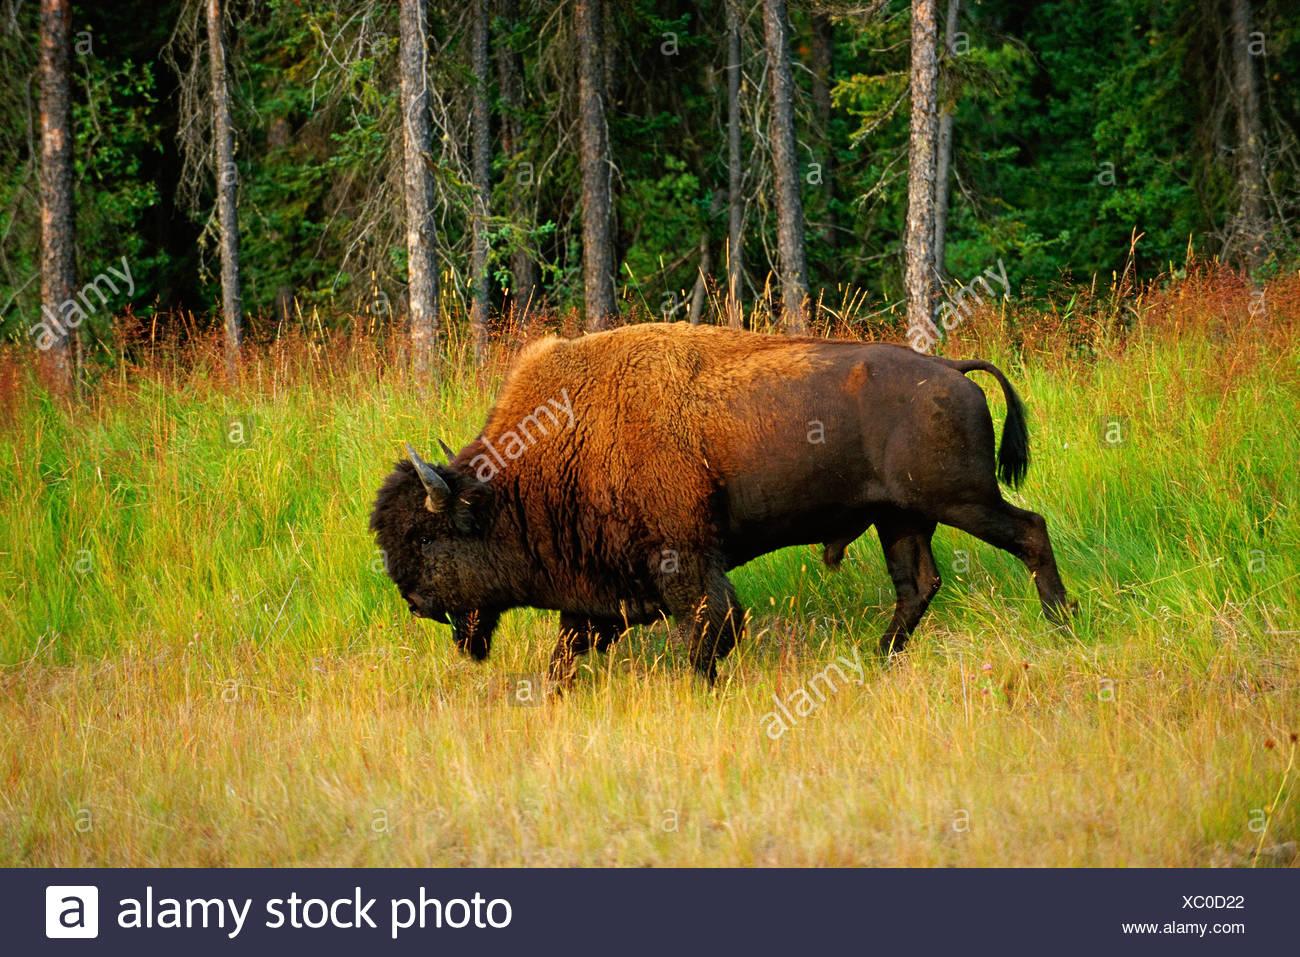 Seitenansicht des Bisons (Bison Bison) am Rande des Waldes, Coal River, British Columbia, Kanada Stockbild